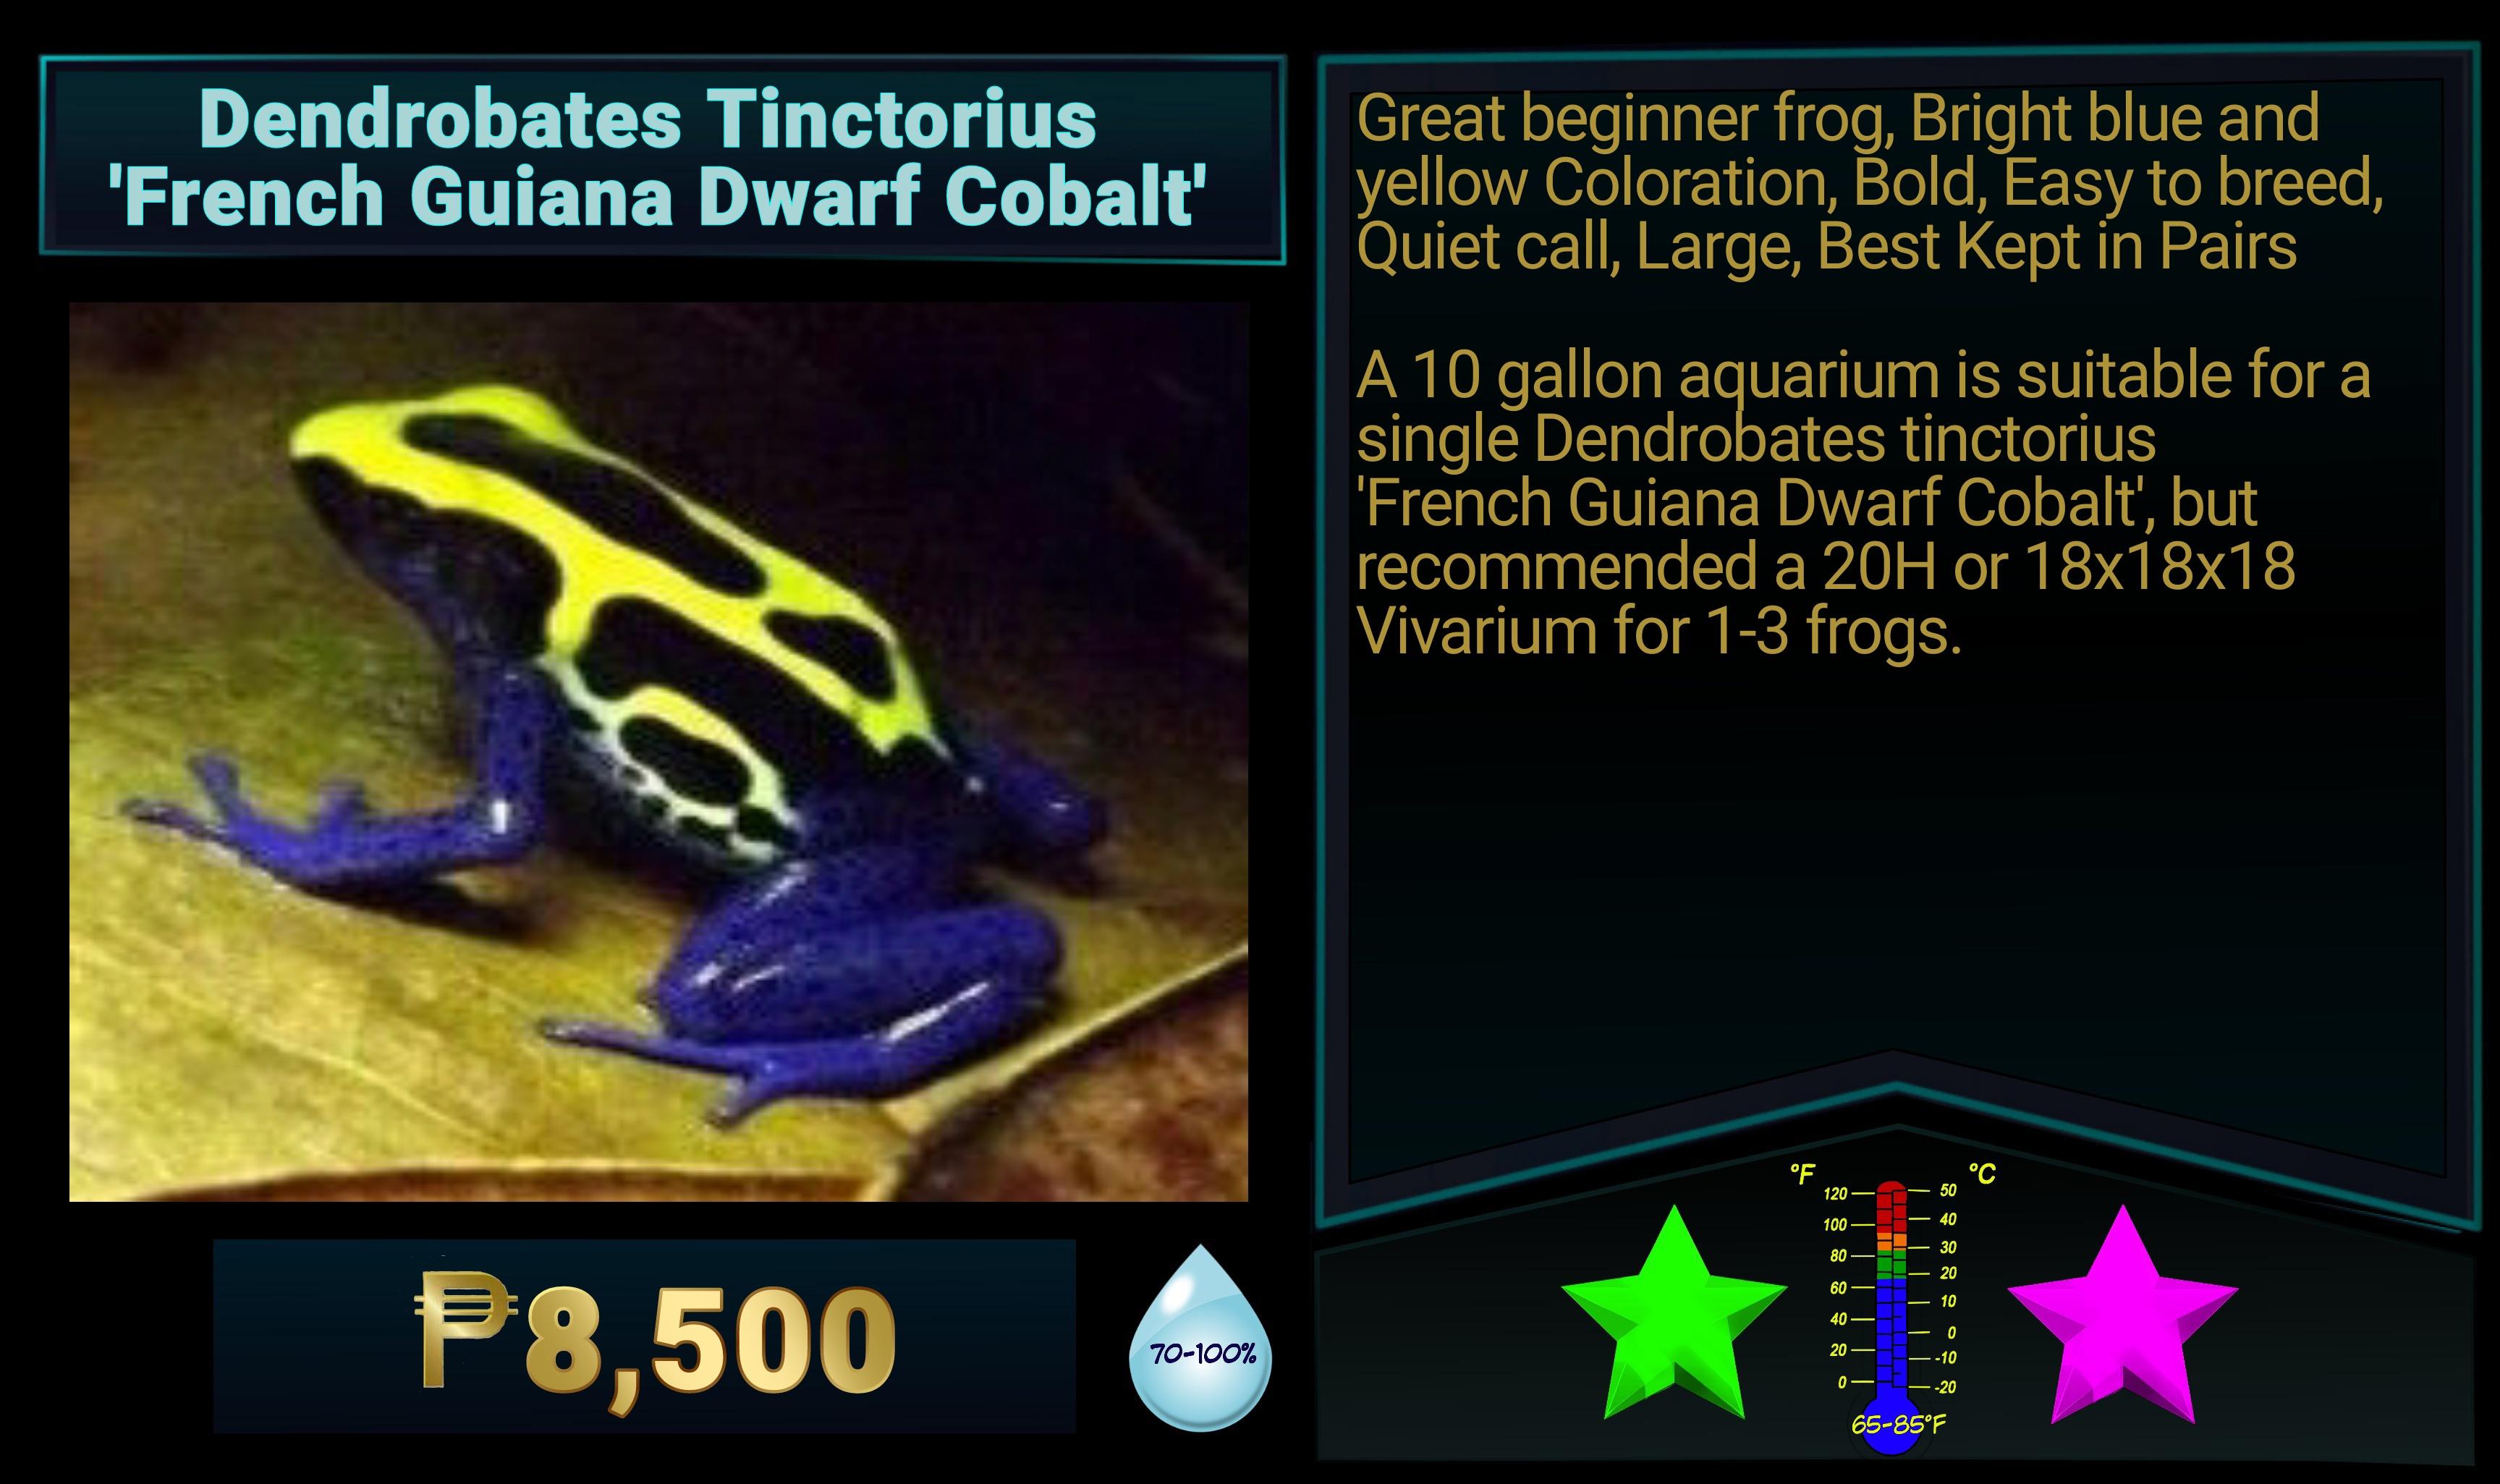 Dendrobates tinctorius French Guiana Dwarf Cobalt